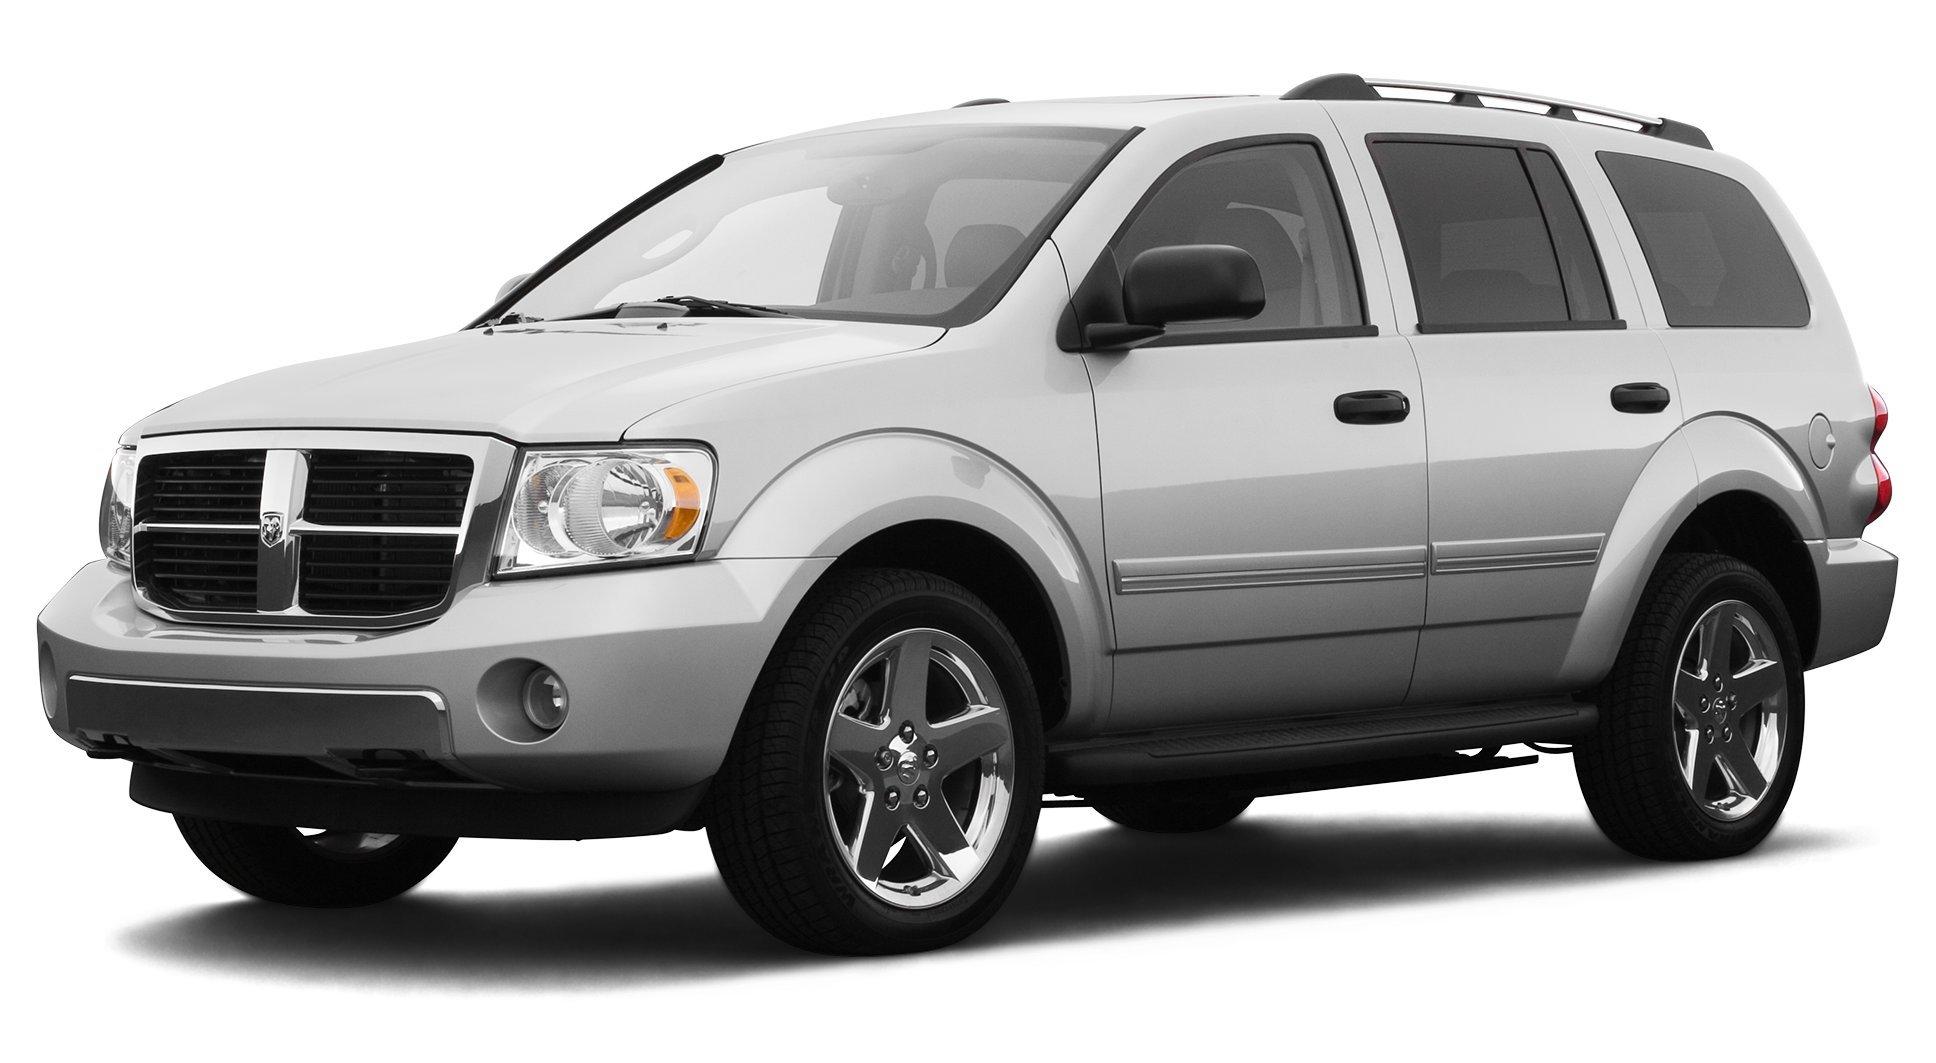 ... 2007 Dodge Durango Limited, 2-Wheel Drive 4-Door ...